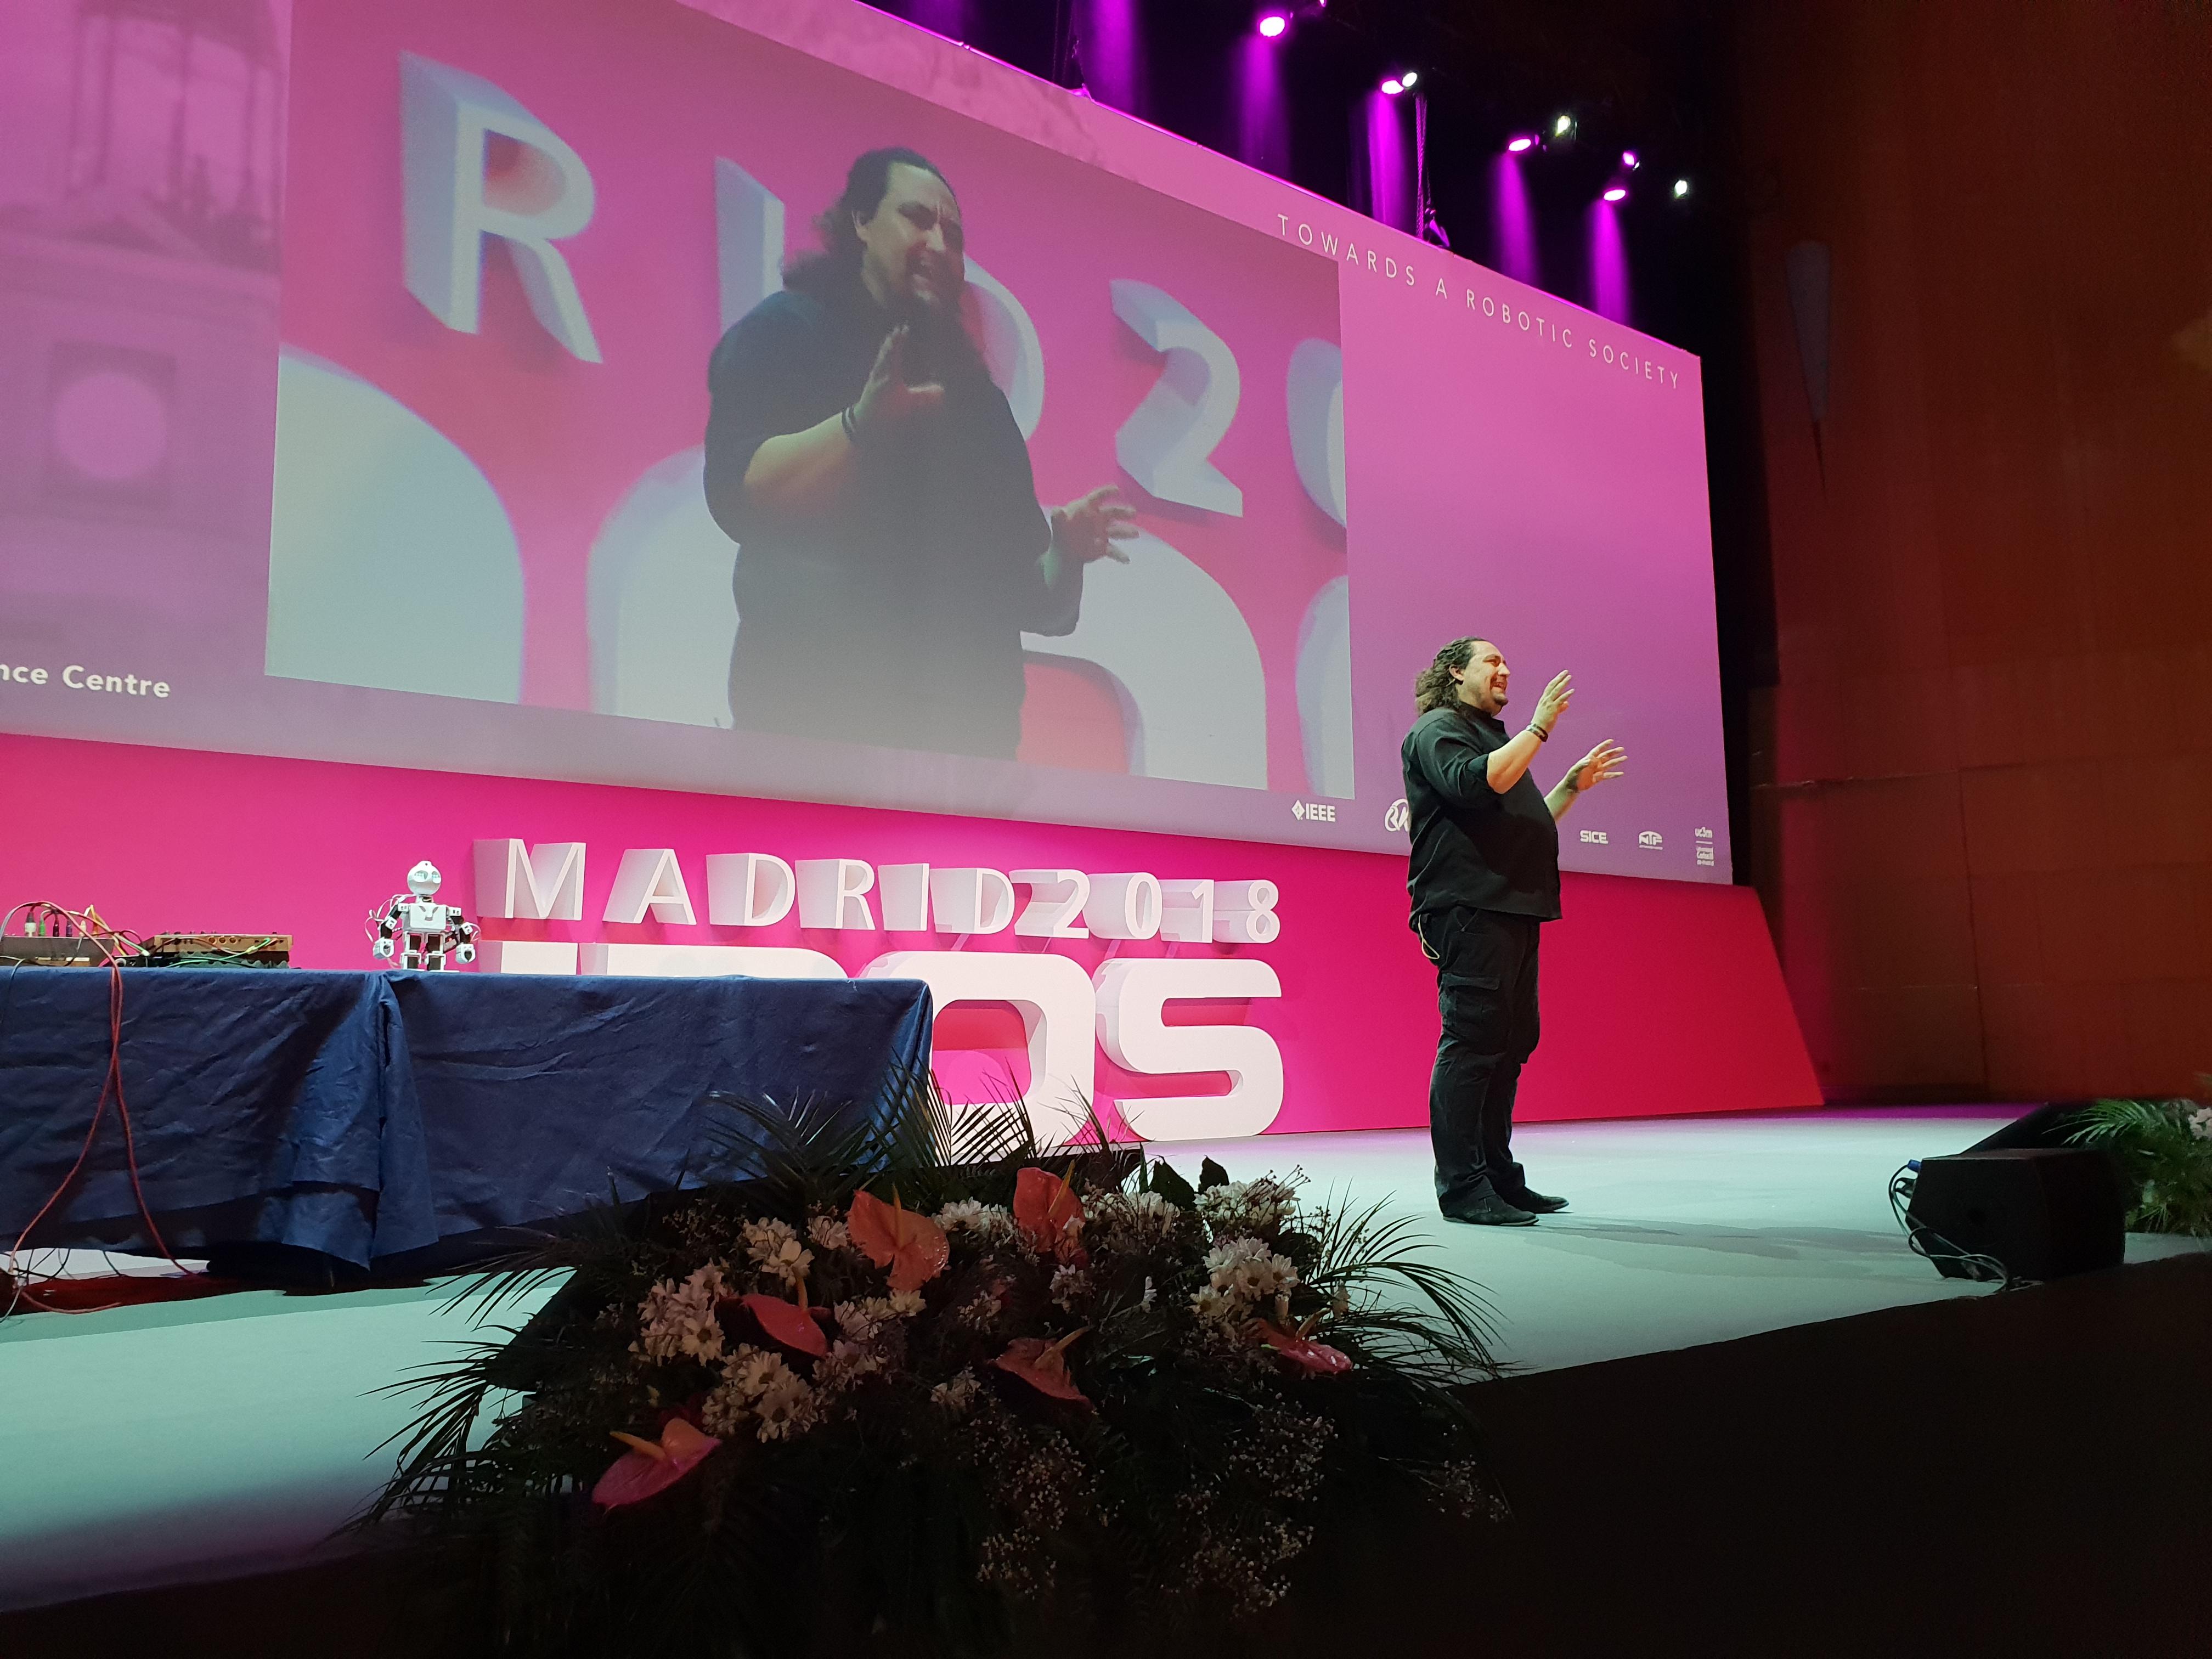 El ROS Film Festival celebró su Gala de entrega de premios dentro del IROS 2018